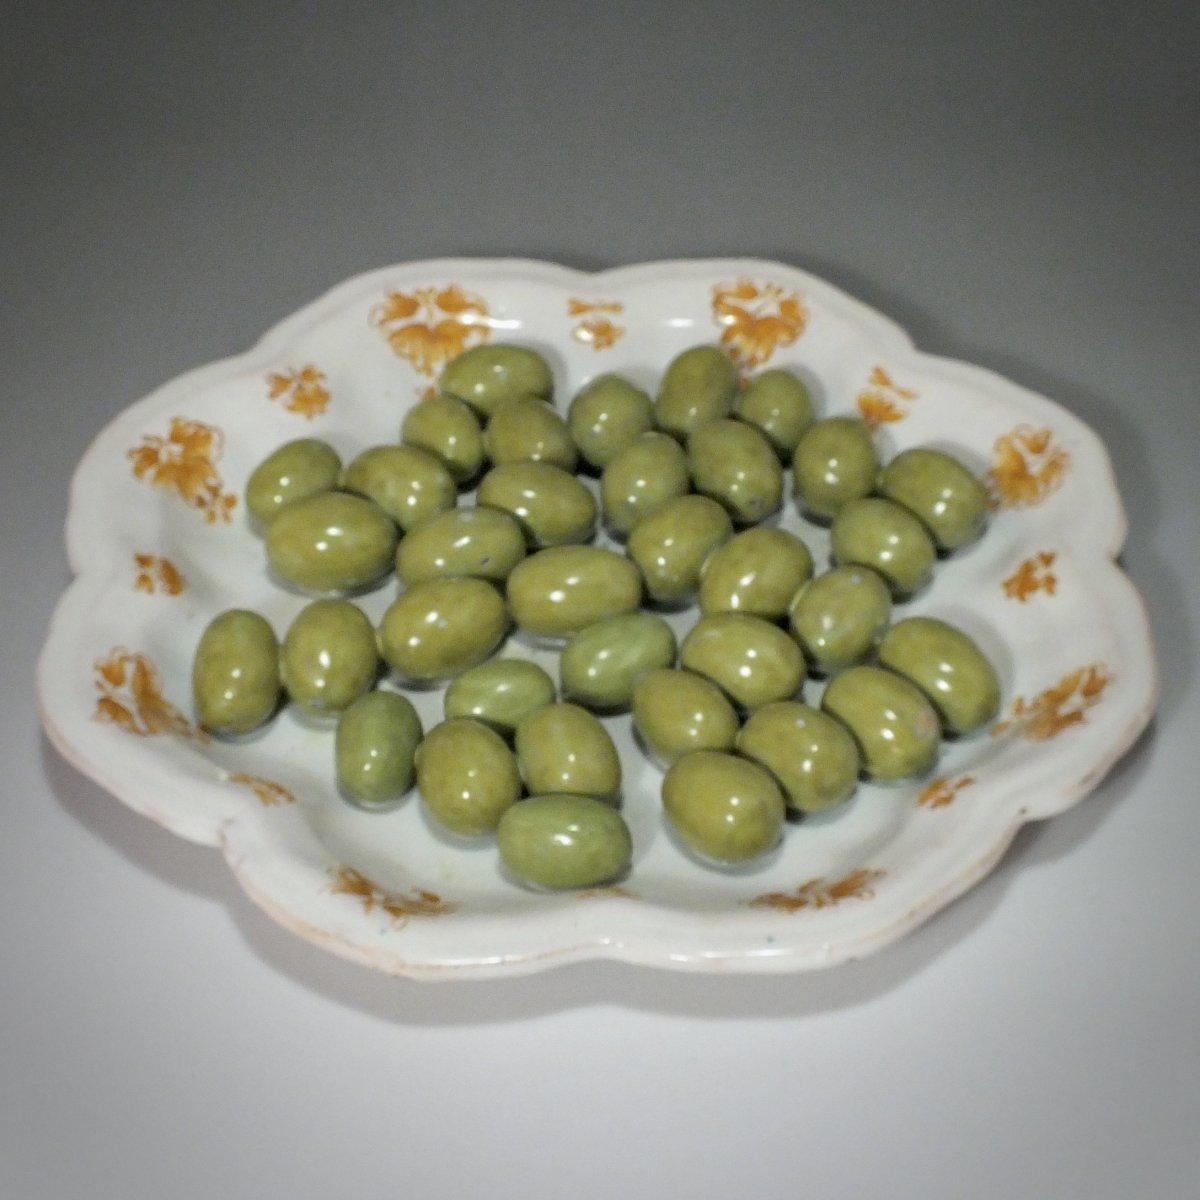 Moustiers - Assiette en trompe l'œil aux olives - XVIIIe siècle